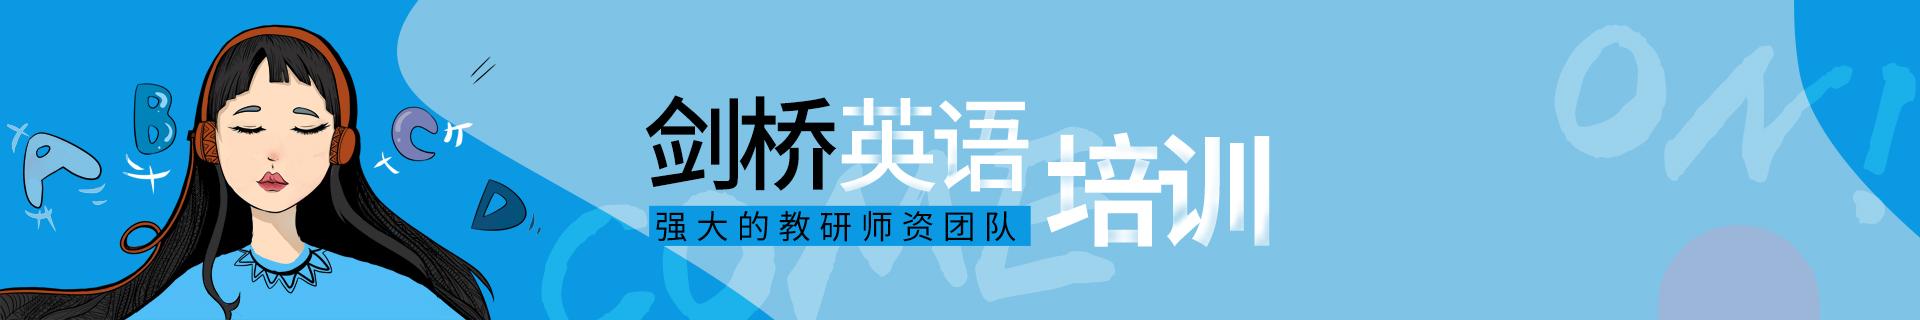 深圳南山新航道英语培训